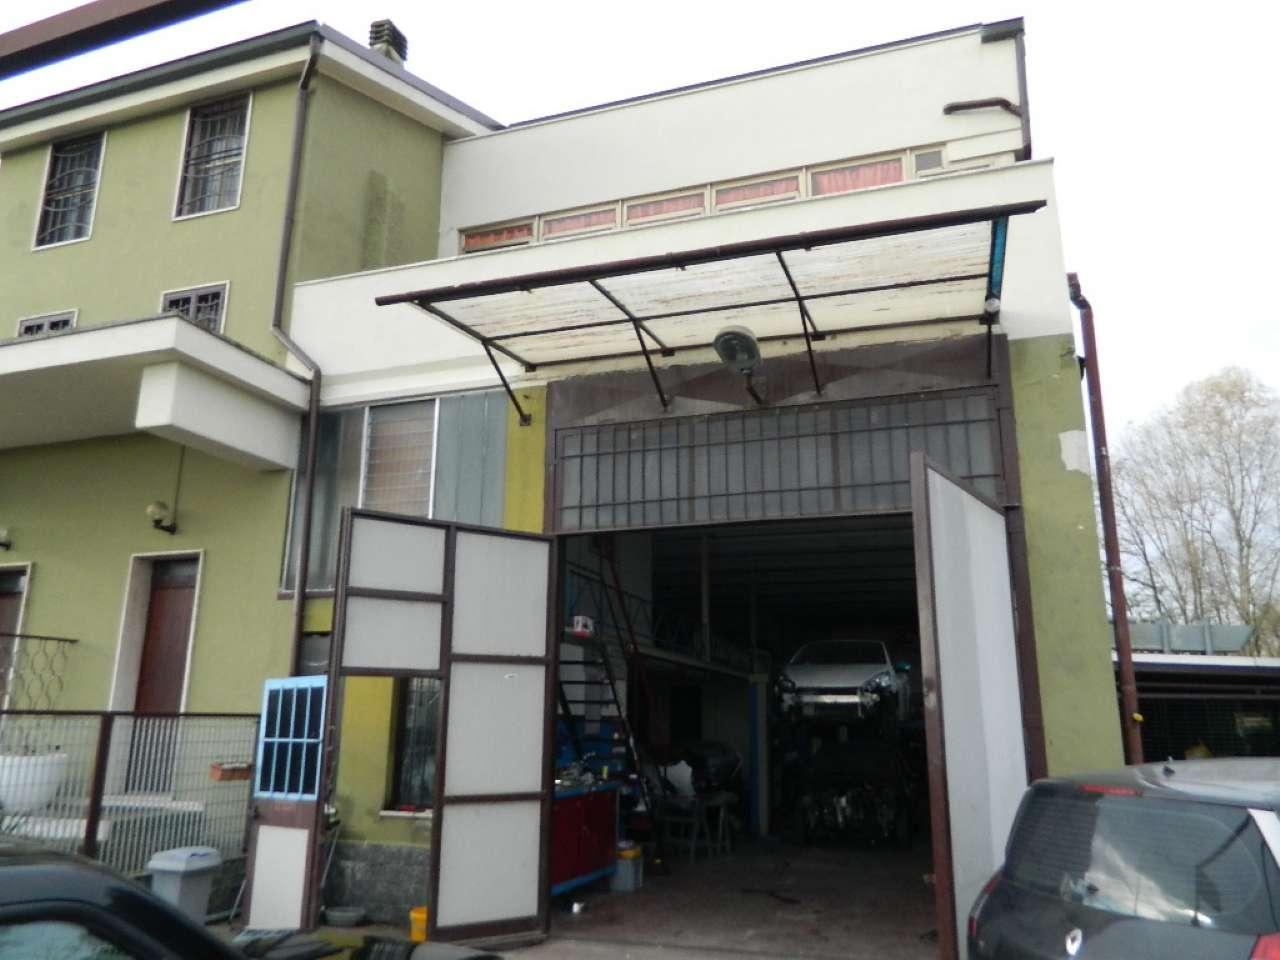 Capannone in vendita a Rozzano, 1 locali, prezzo € 180.000 | PortaleAgenzieImmobiliari.it